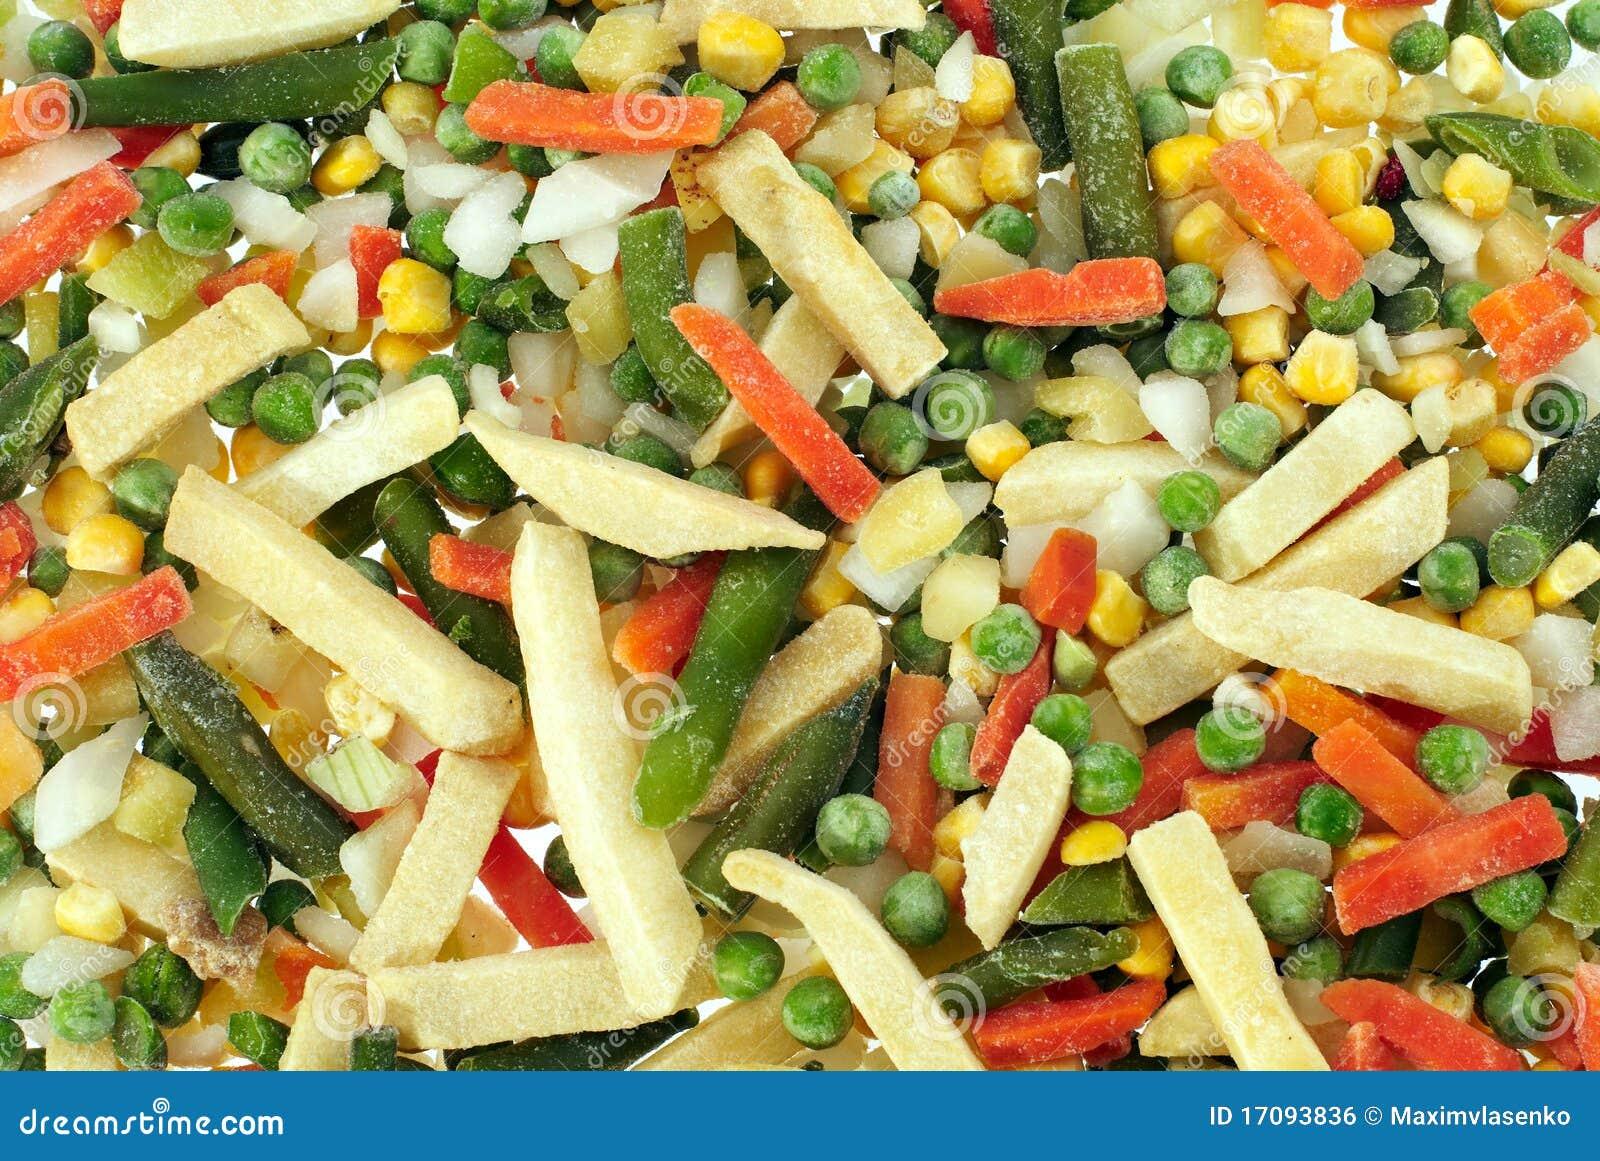 Gefrorenes Gemüse